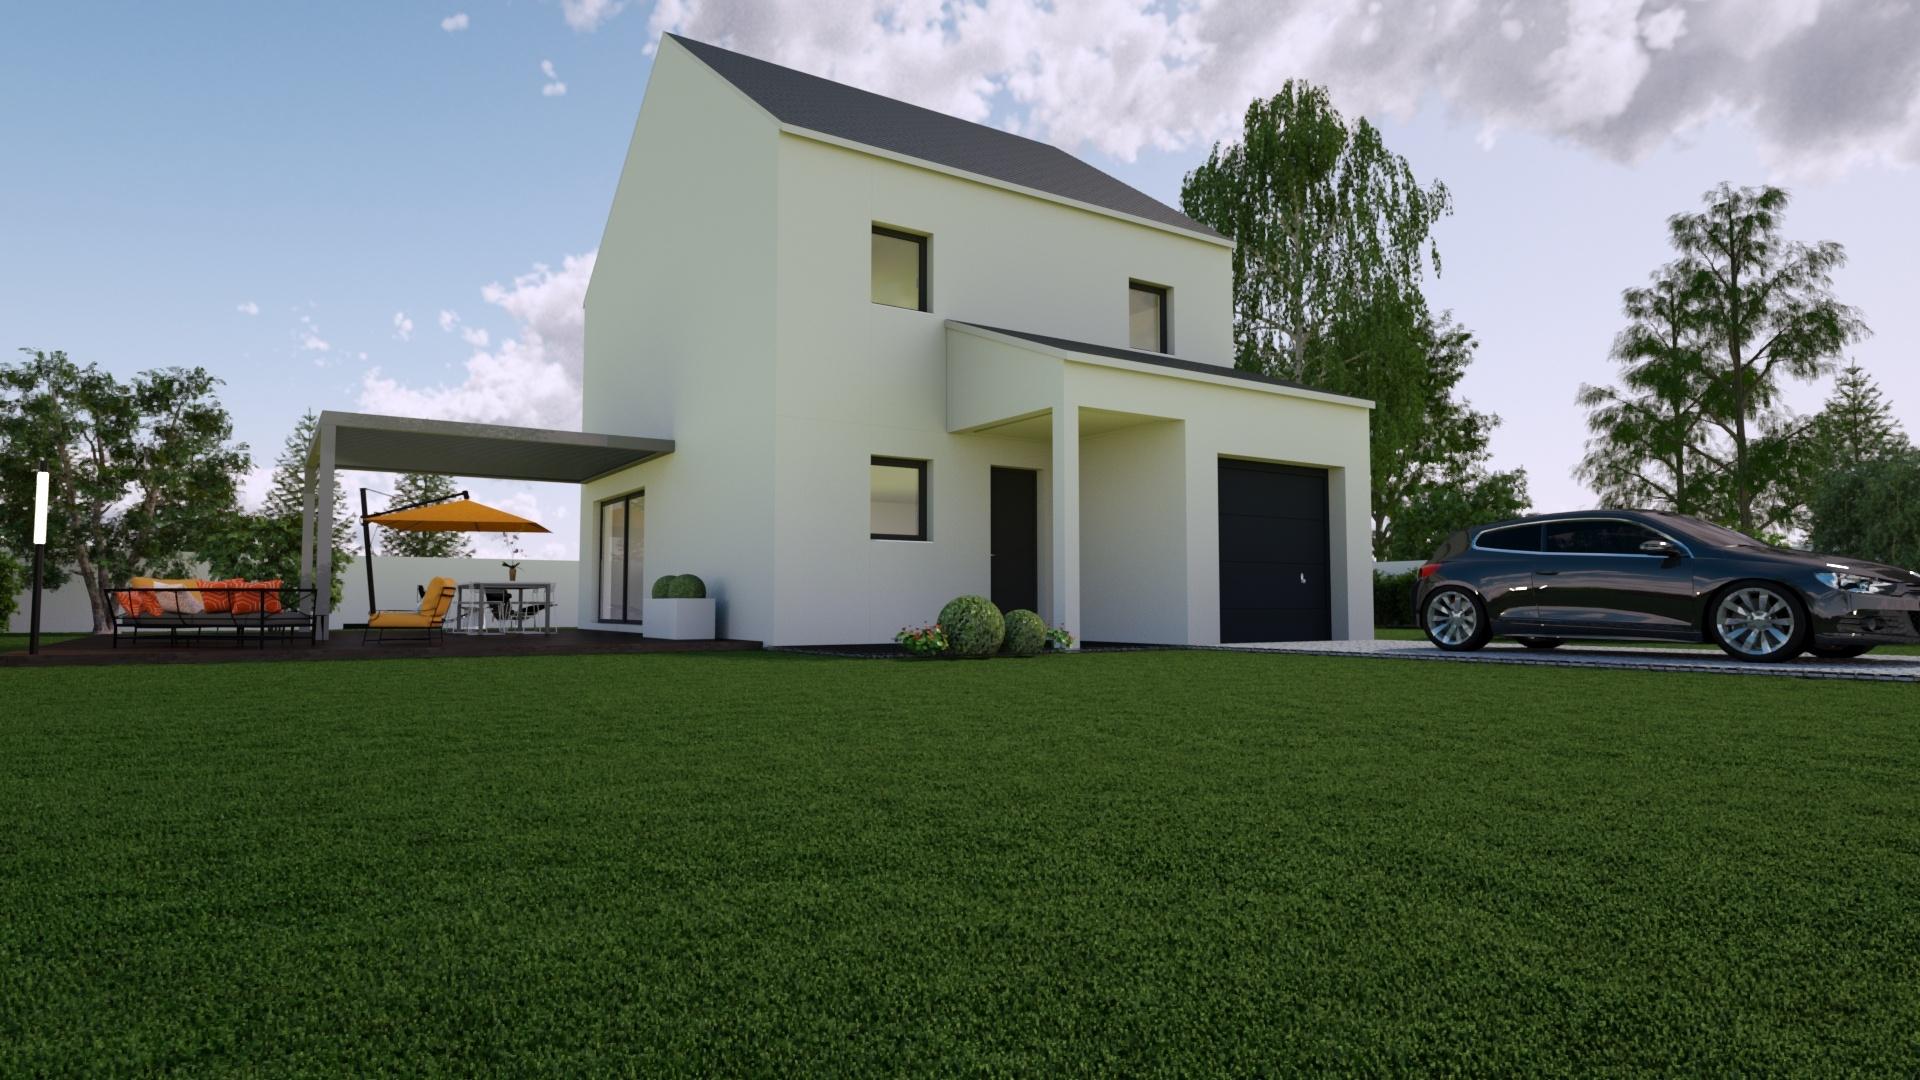 Maisons + Terrains du constructeur Mon Courtier Maison • 94 m² • MOISDON LA RIVIERE